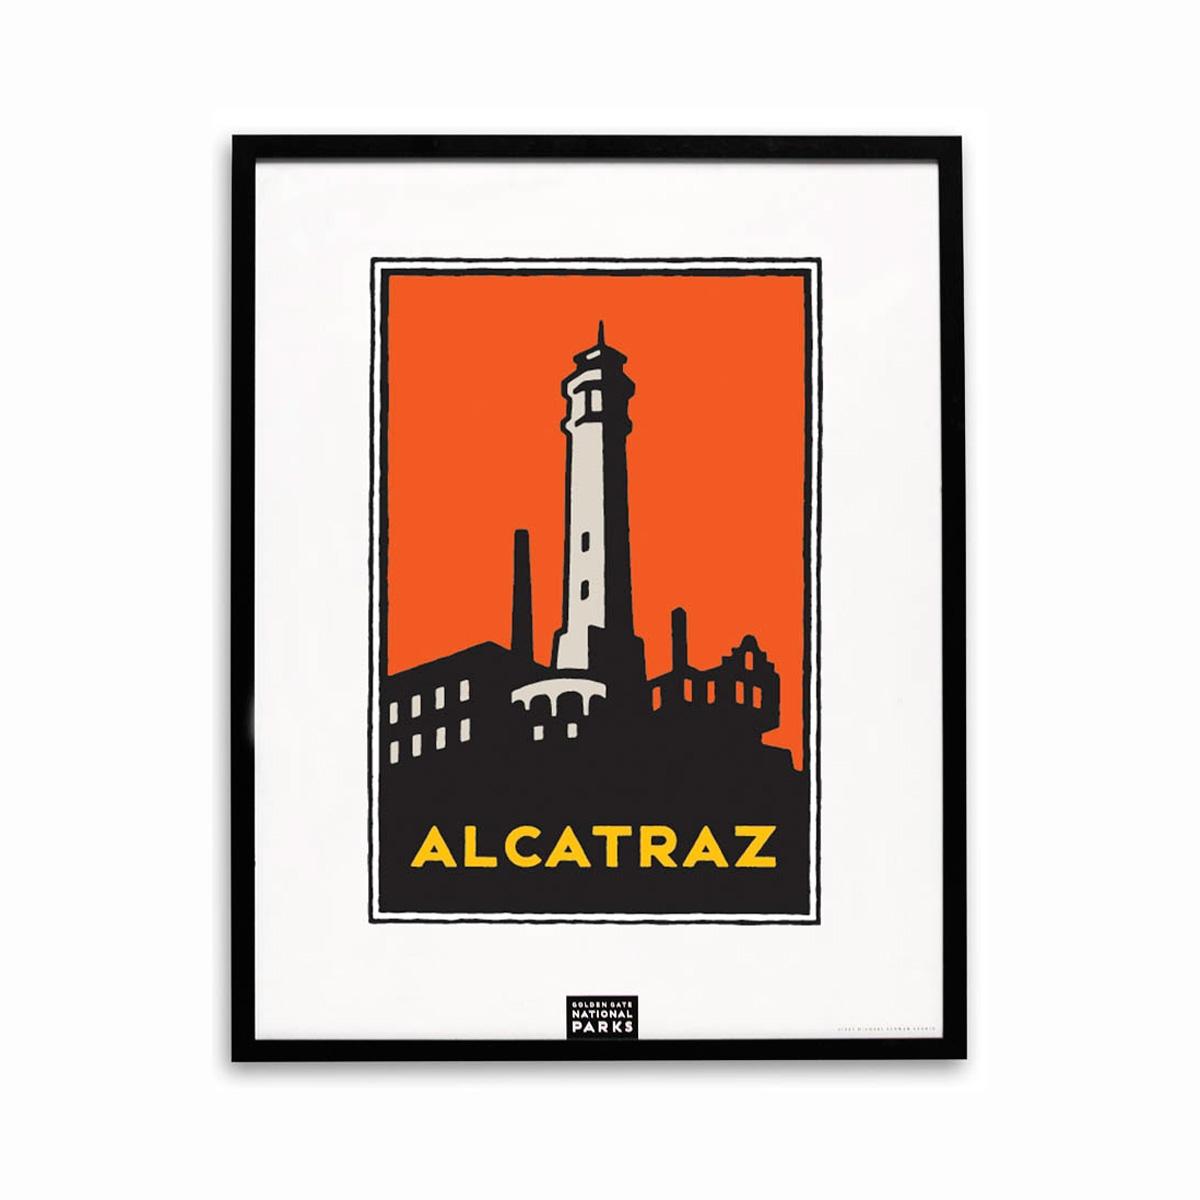 Alcatraz Products